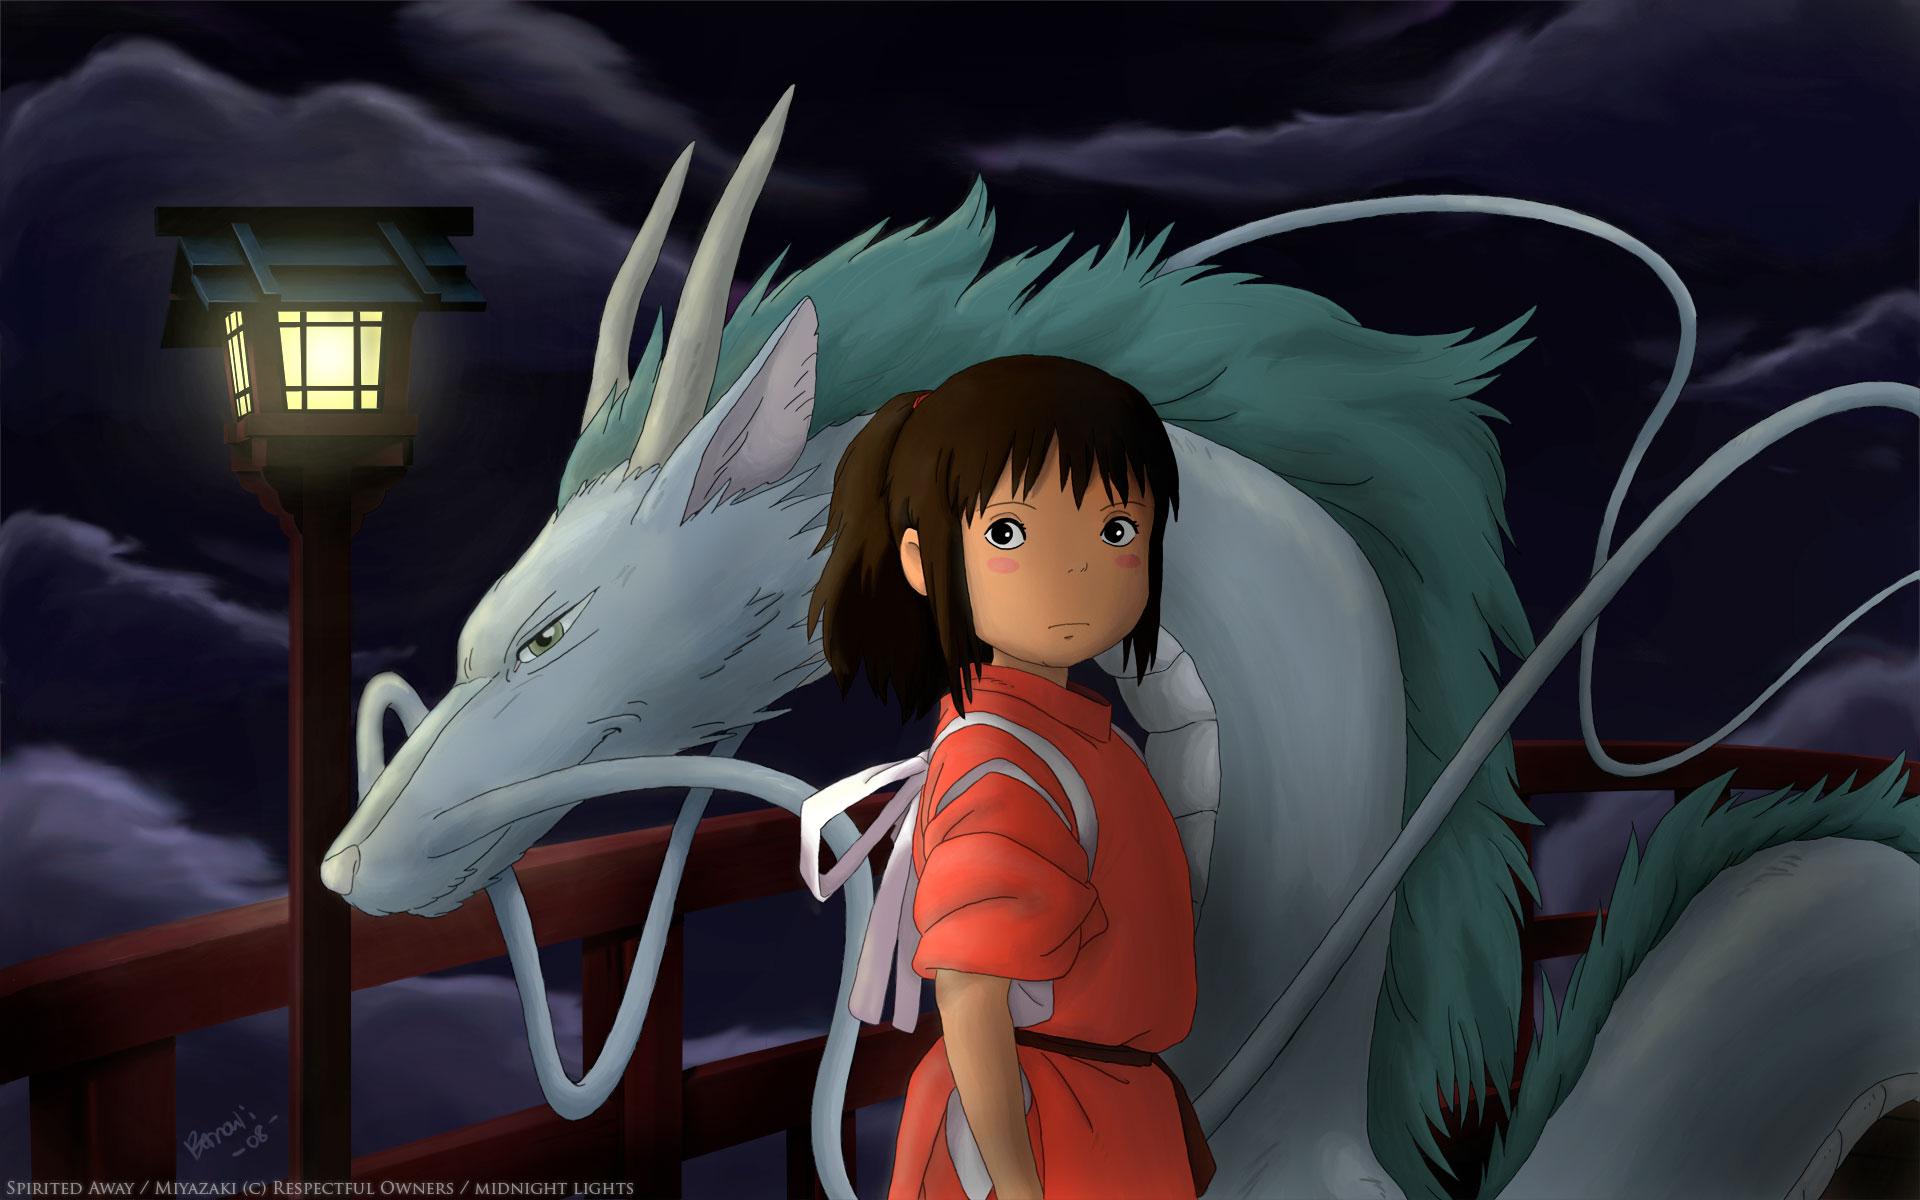 Studio Ghibli Spirited Away Chihiro Ogino Haku Wallpaper Kohaku River Spirited Away 1920x1200 Wallpaper Teahub Io